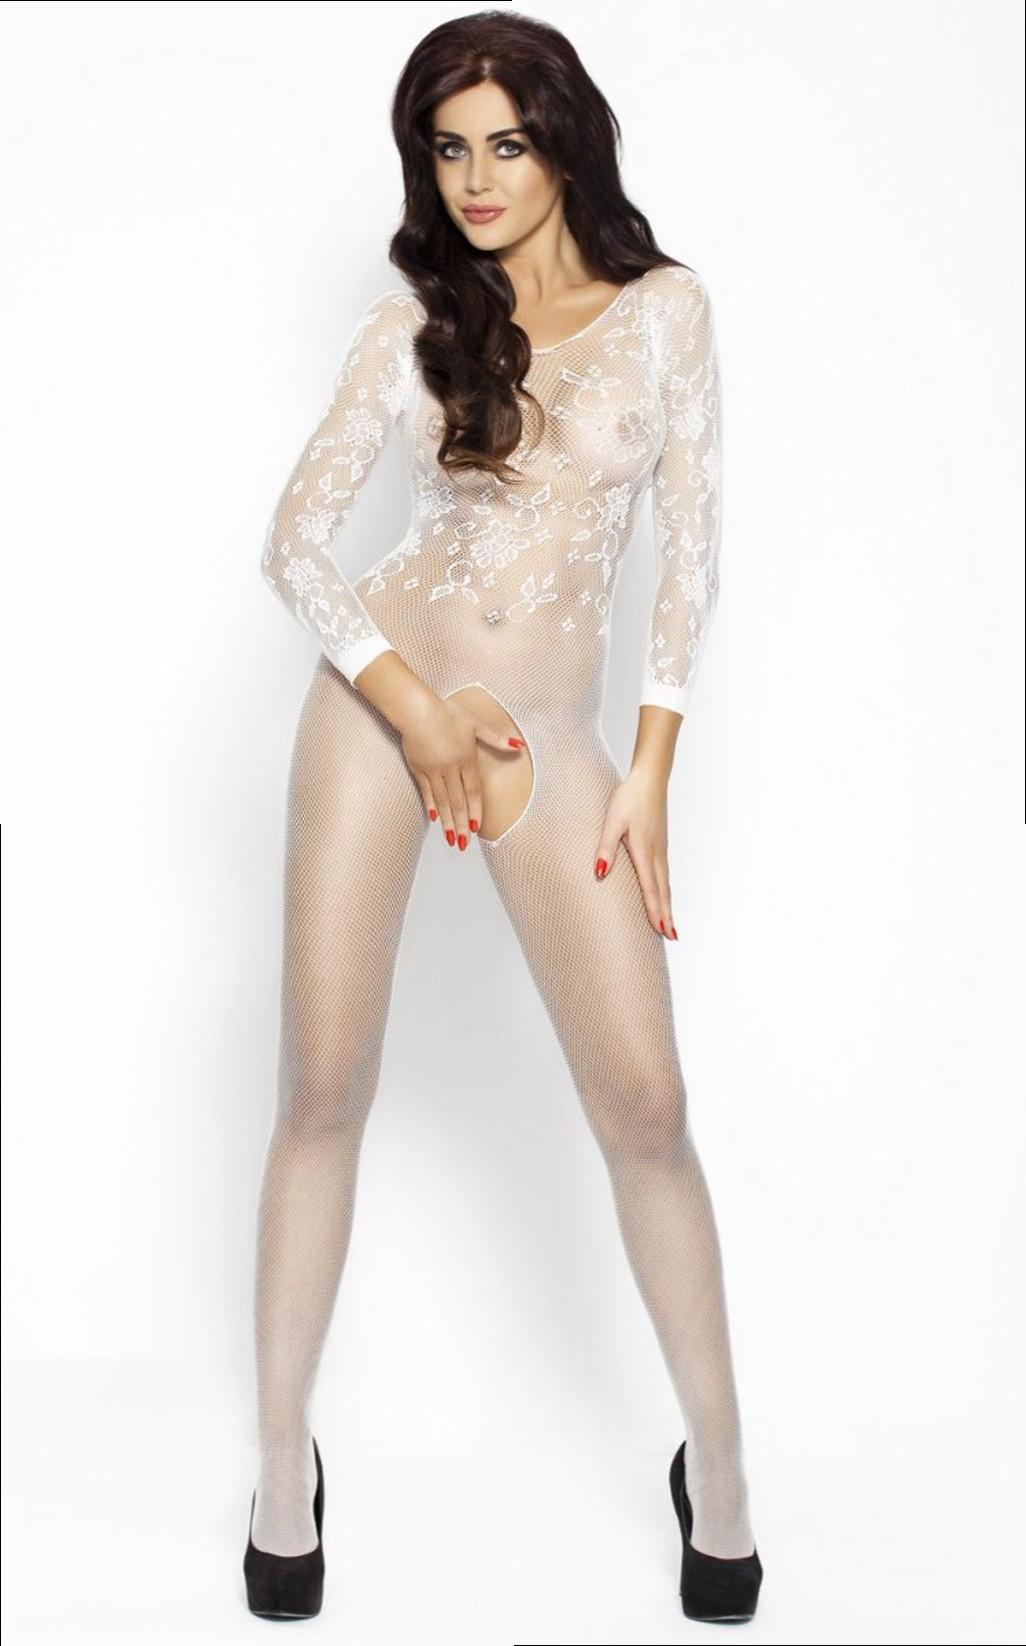 Эротичная одежда для женщин 26 фотография